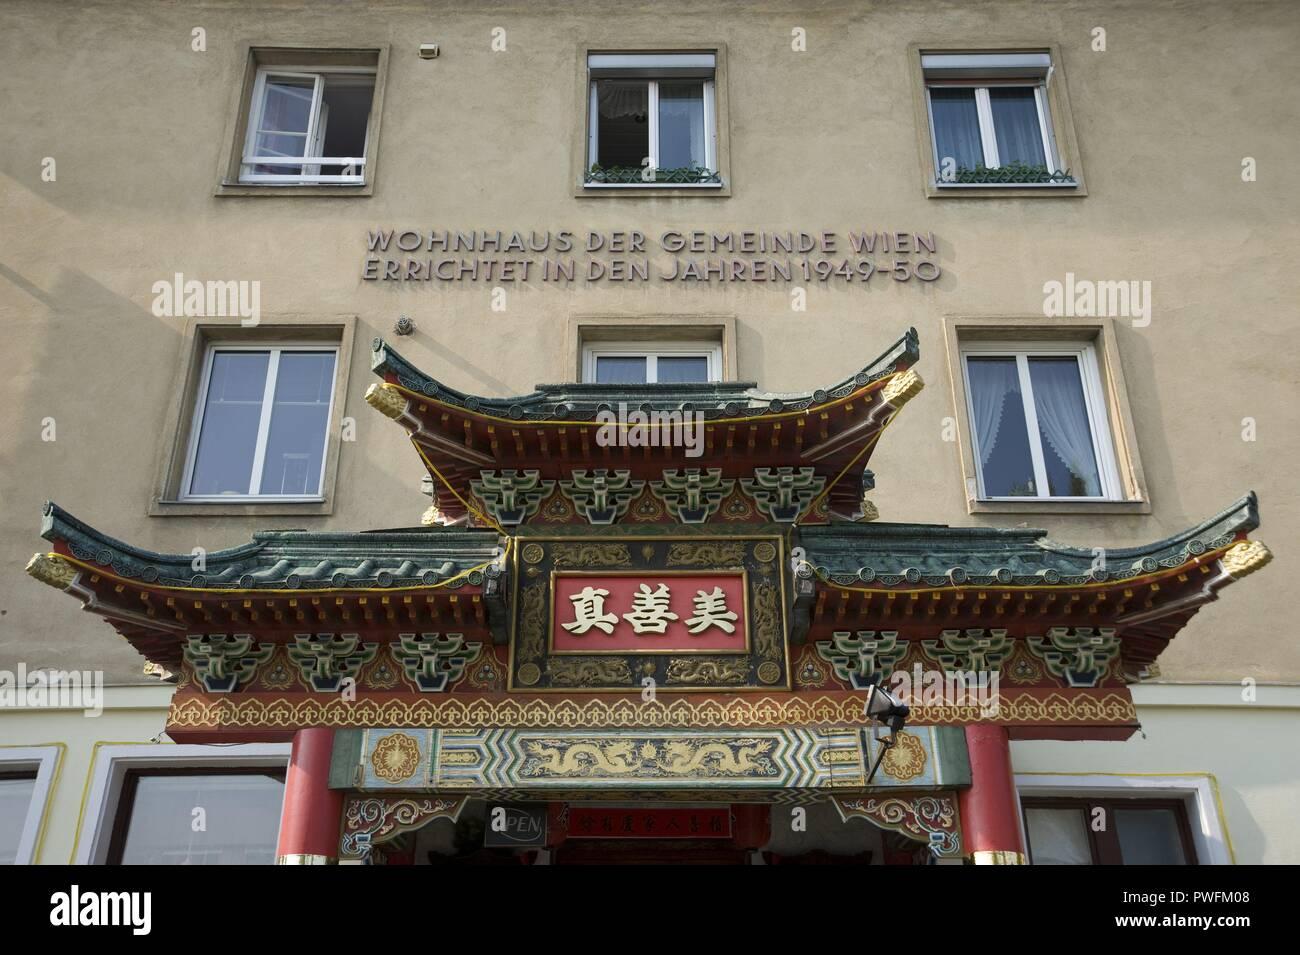 Wien, Dekoration eines Chinarestaurants - Vienna, Chinese Restaurant Stock Photo